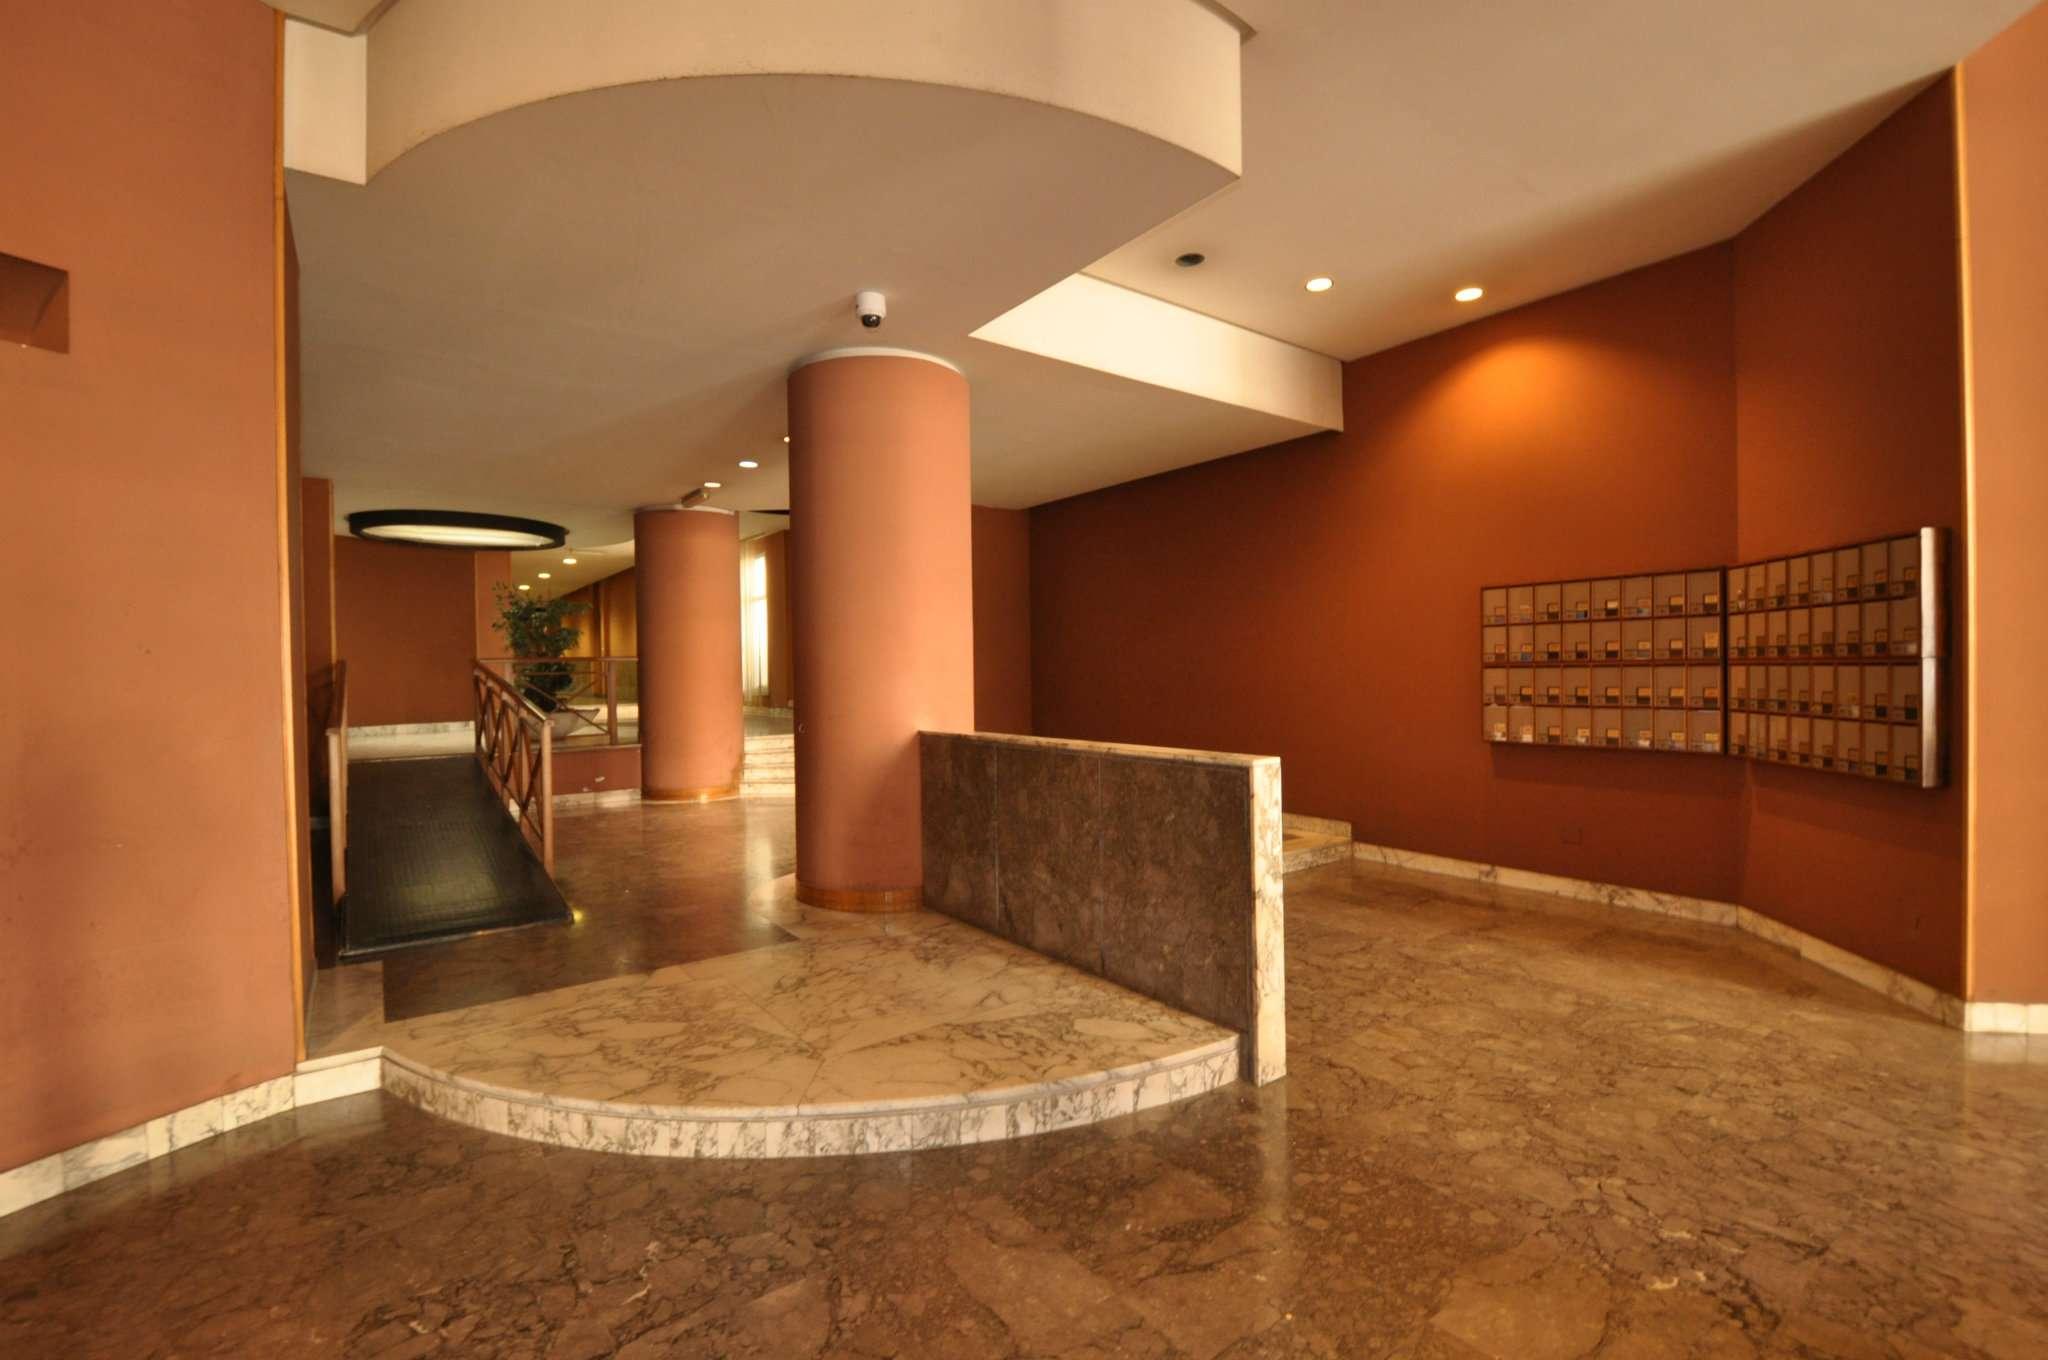 Ufficio-studio in Affitto a Palermo: 5 locali, 135 mq